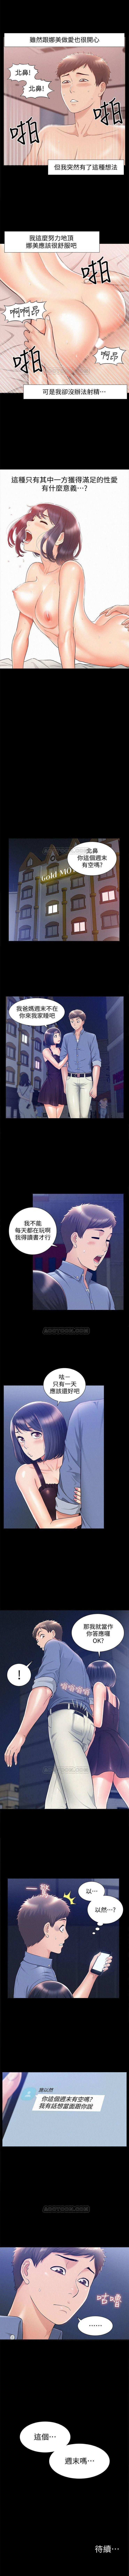 (週4)難言之隱 1-24 中文翻譯(更新中) 131